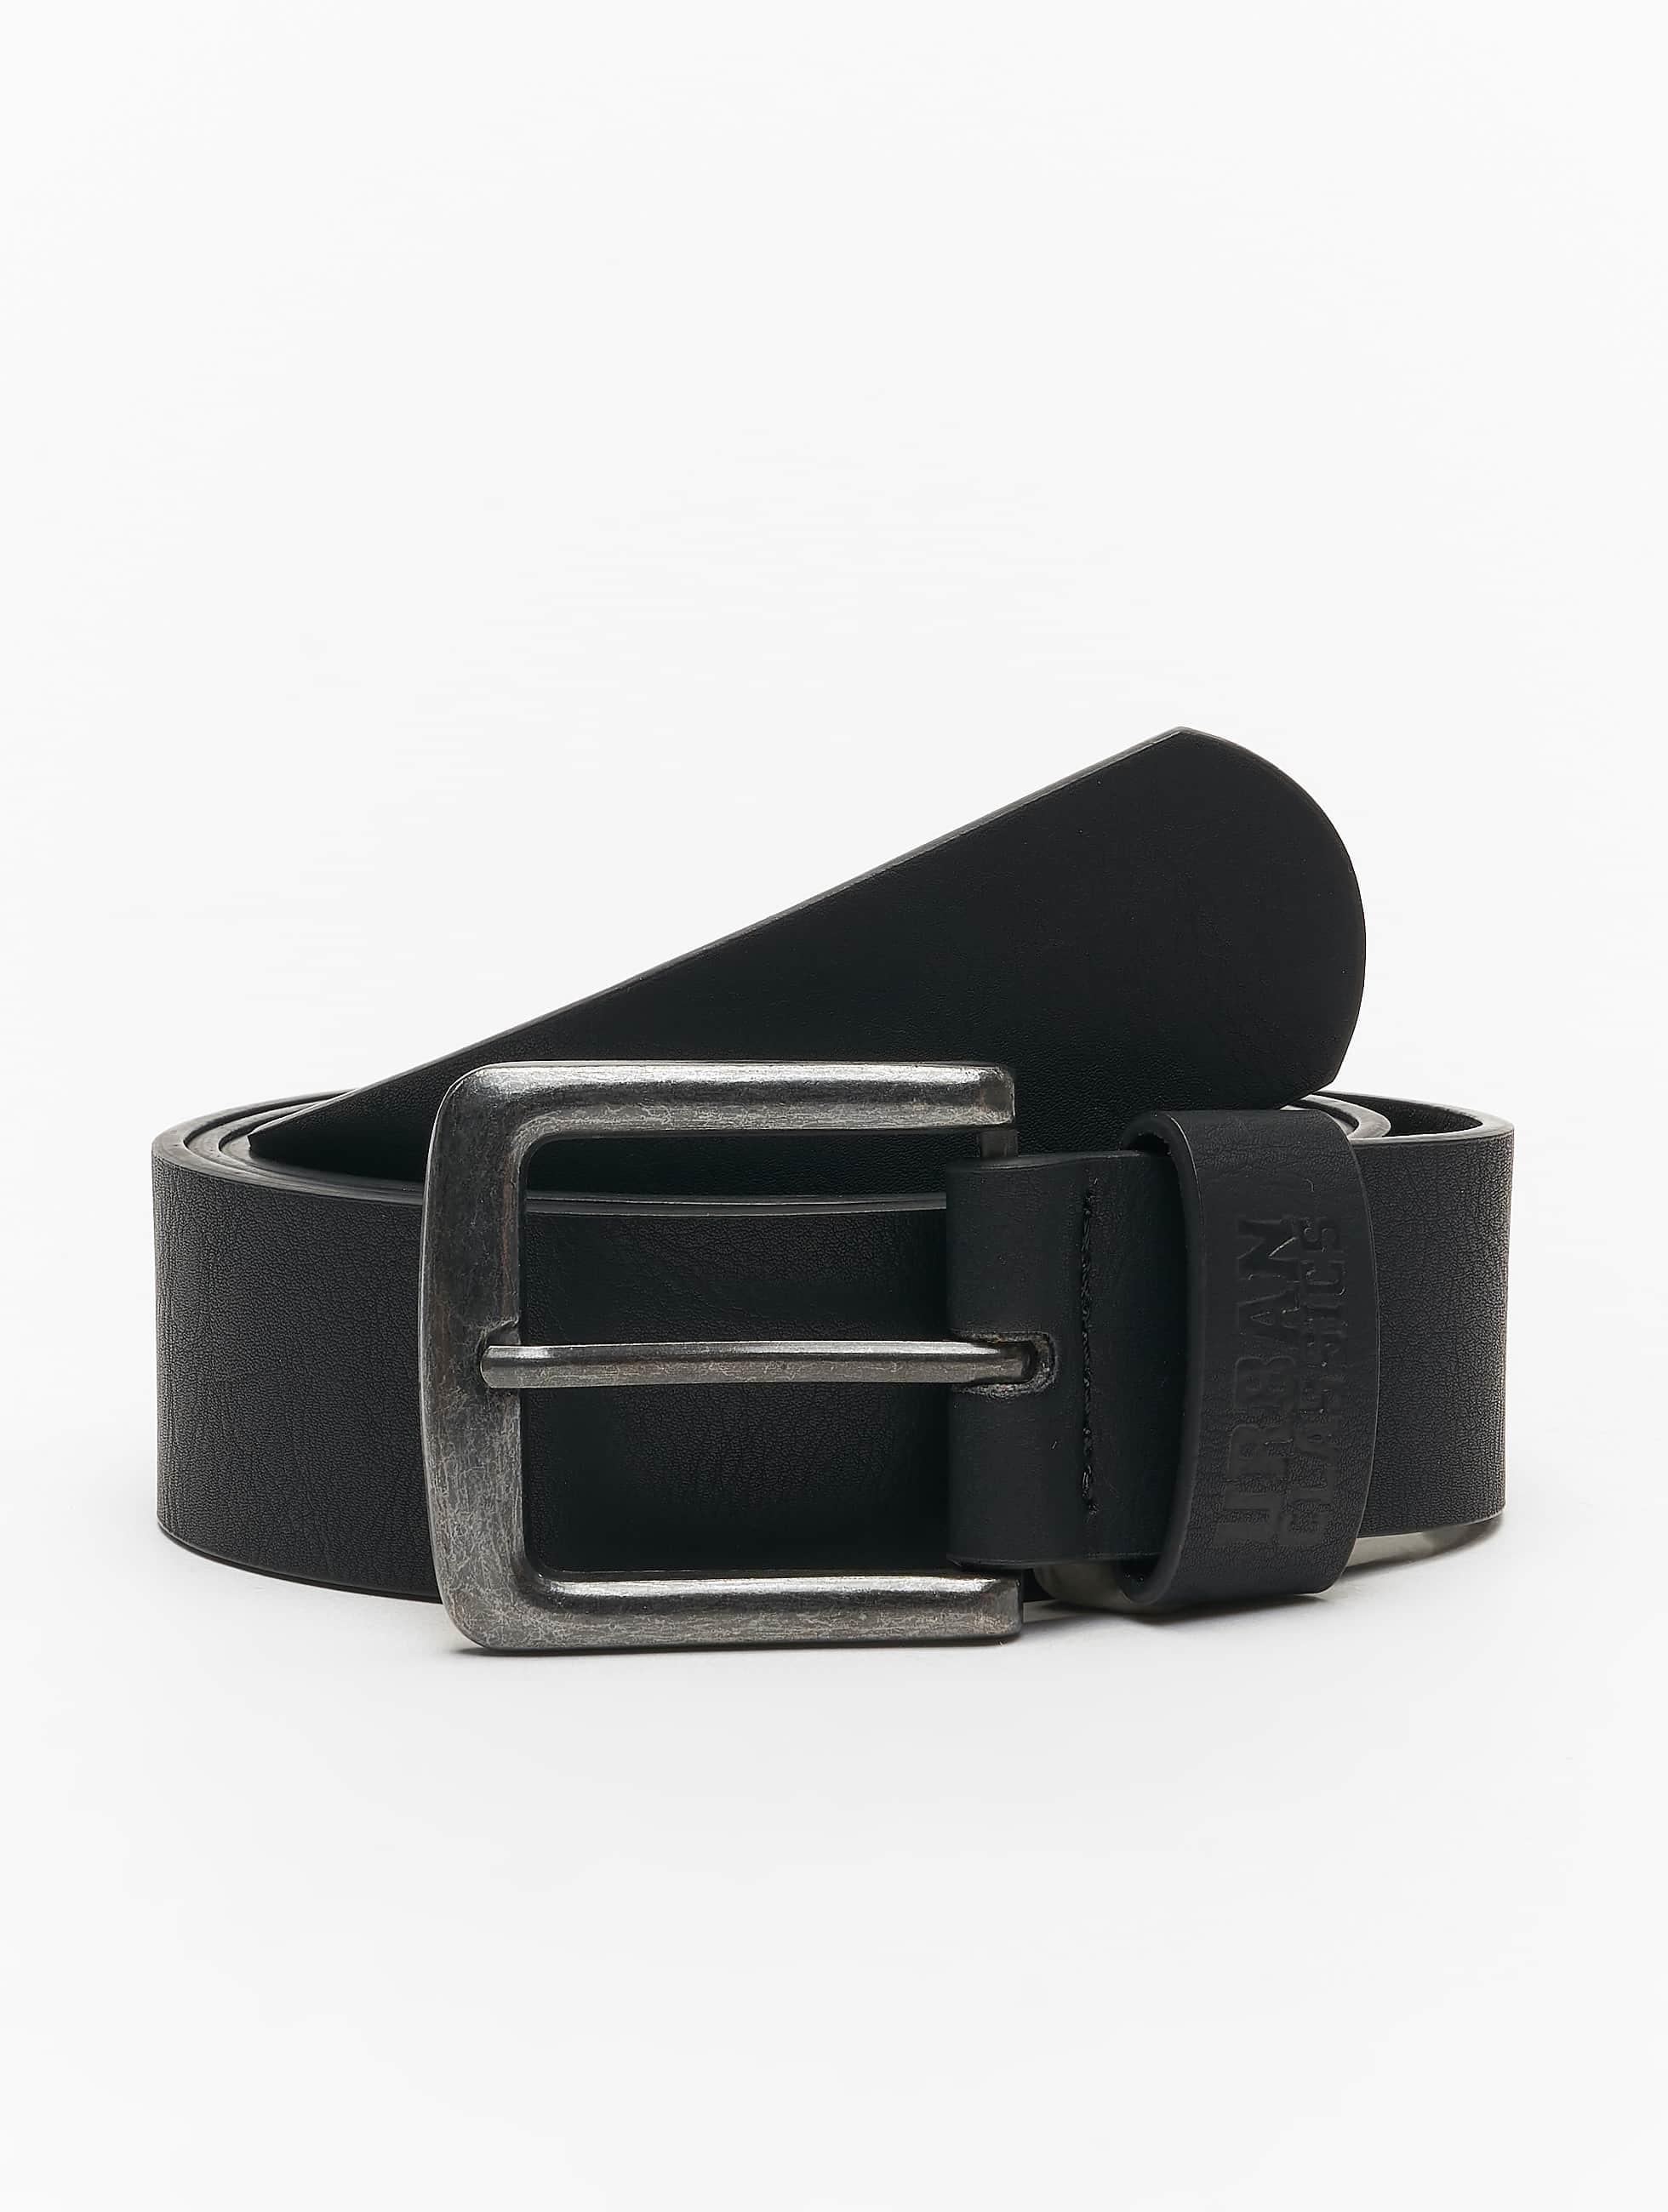 Urban Classics Gürtel Leather Imitation schwarz